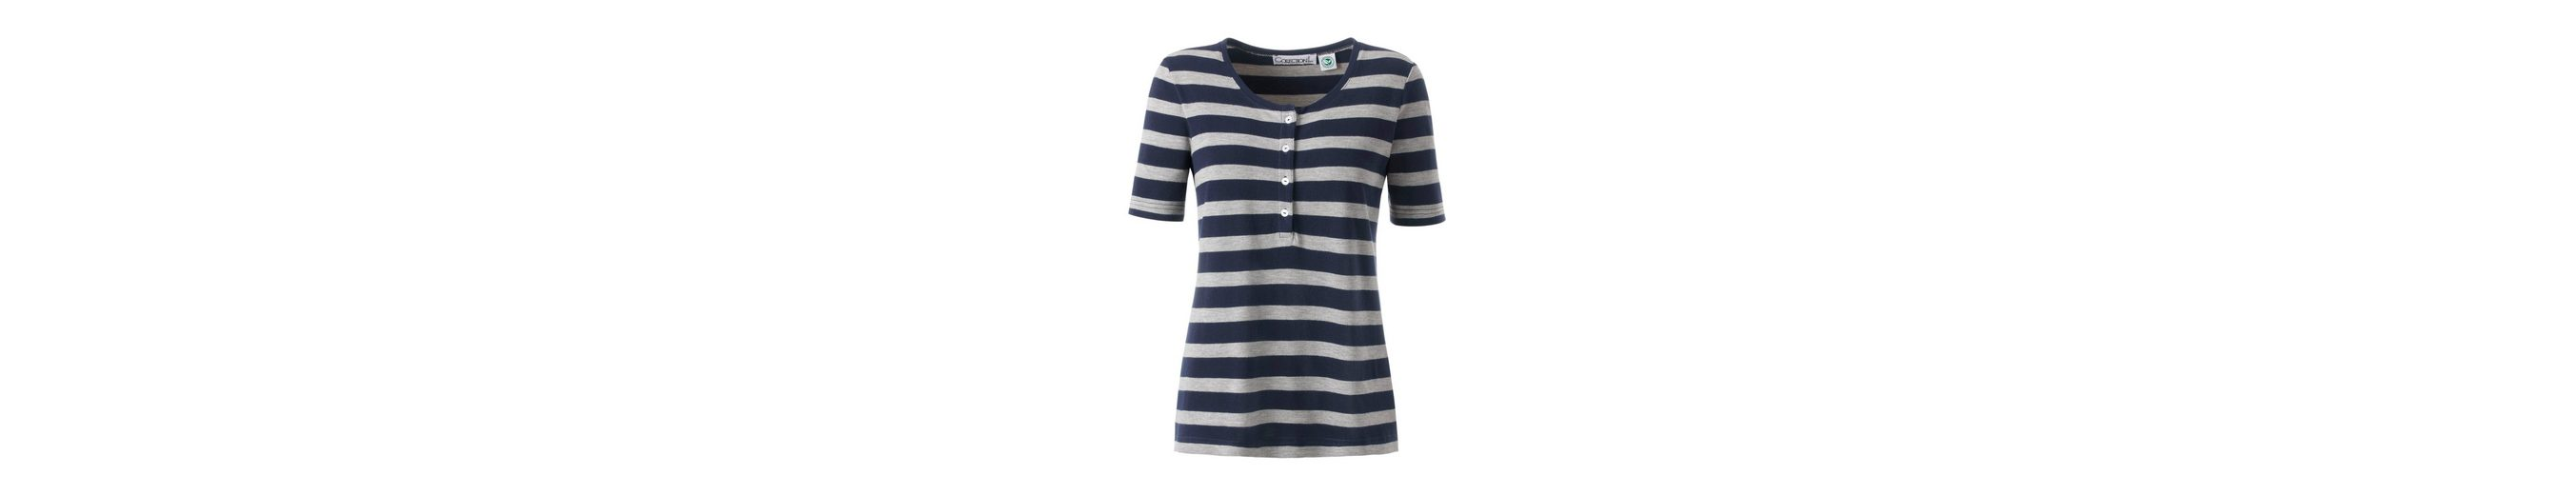 Collection L. Shirt mit Seitenschlitzen Breite Palette Von Online-Verkauf Alle Größen Neue Stile Online Verkaufsqualität xzVQ0